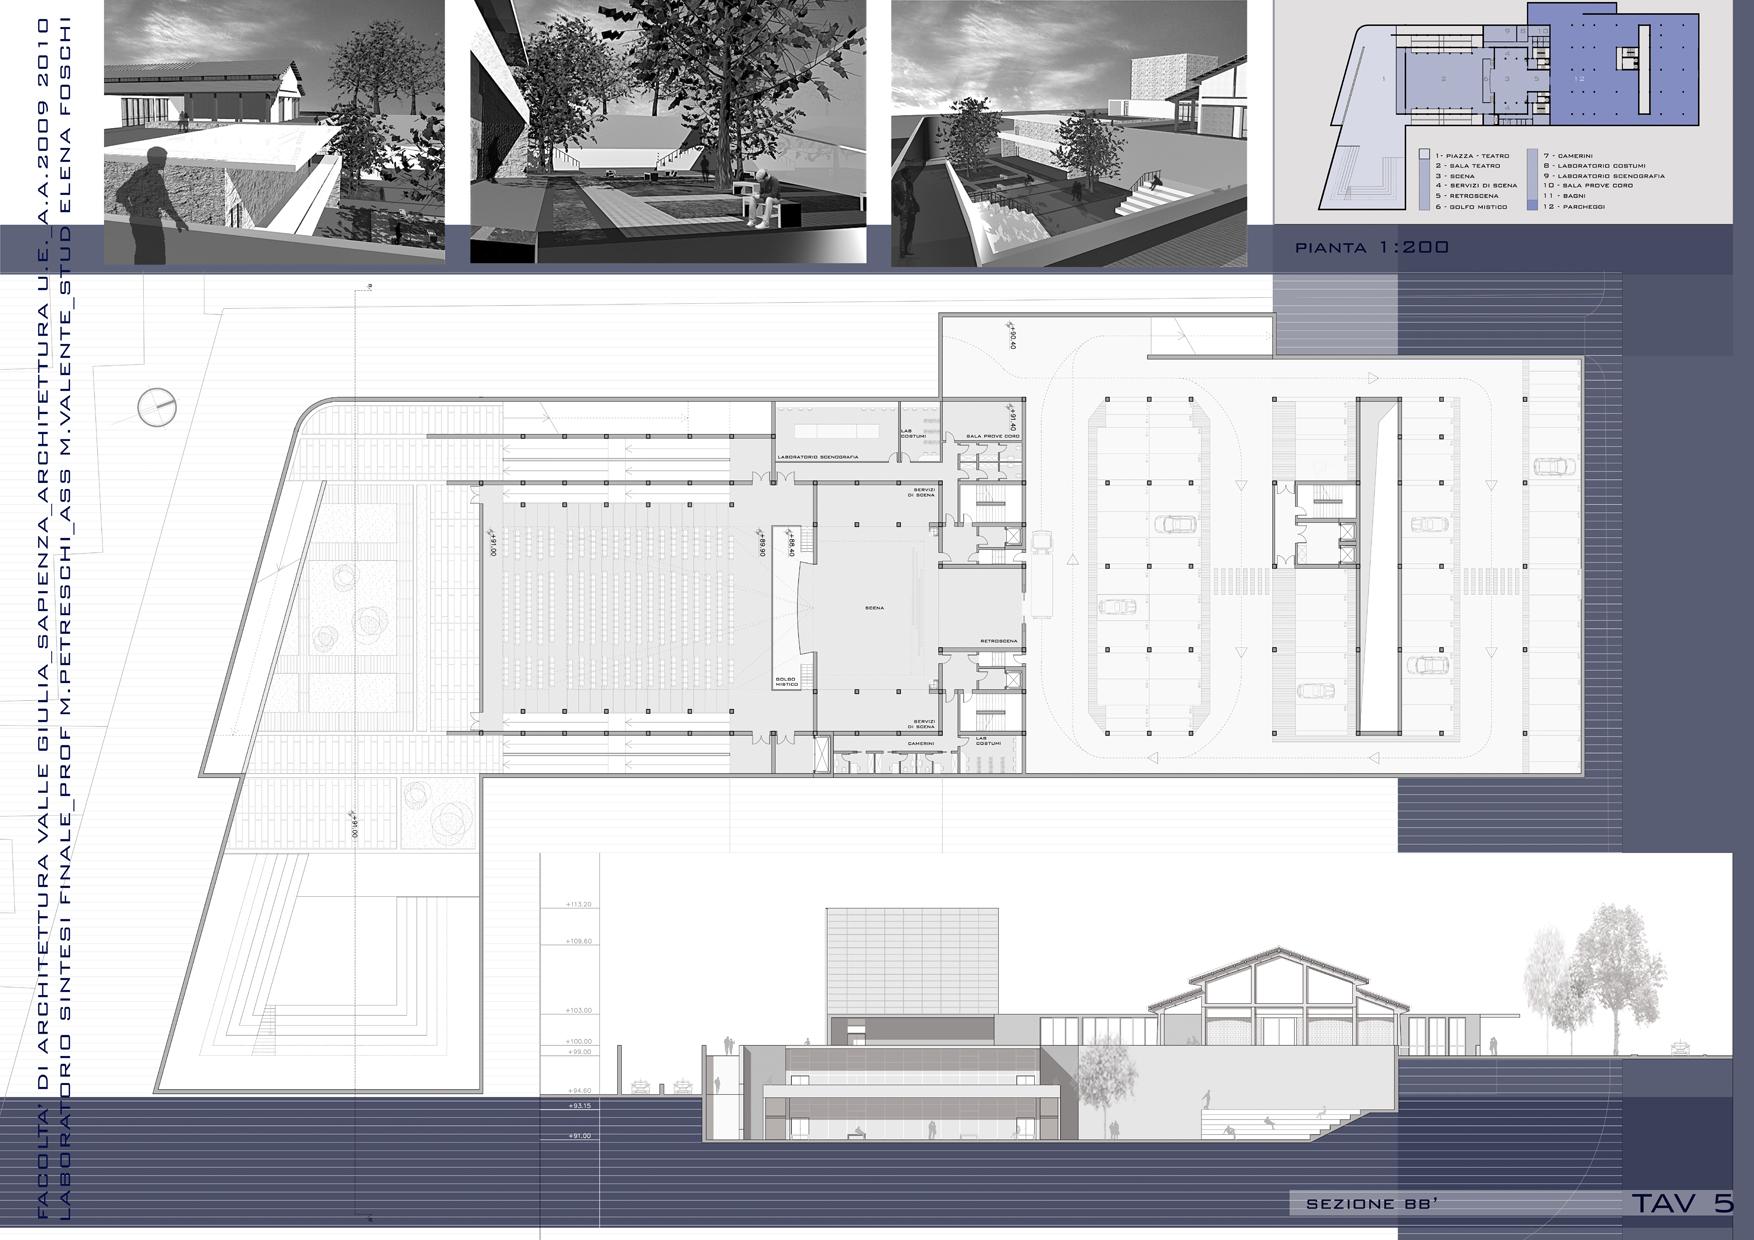 Progetto di un teatro e un centro culturale nell'area dell'ex consorzio agrario di Pomezia